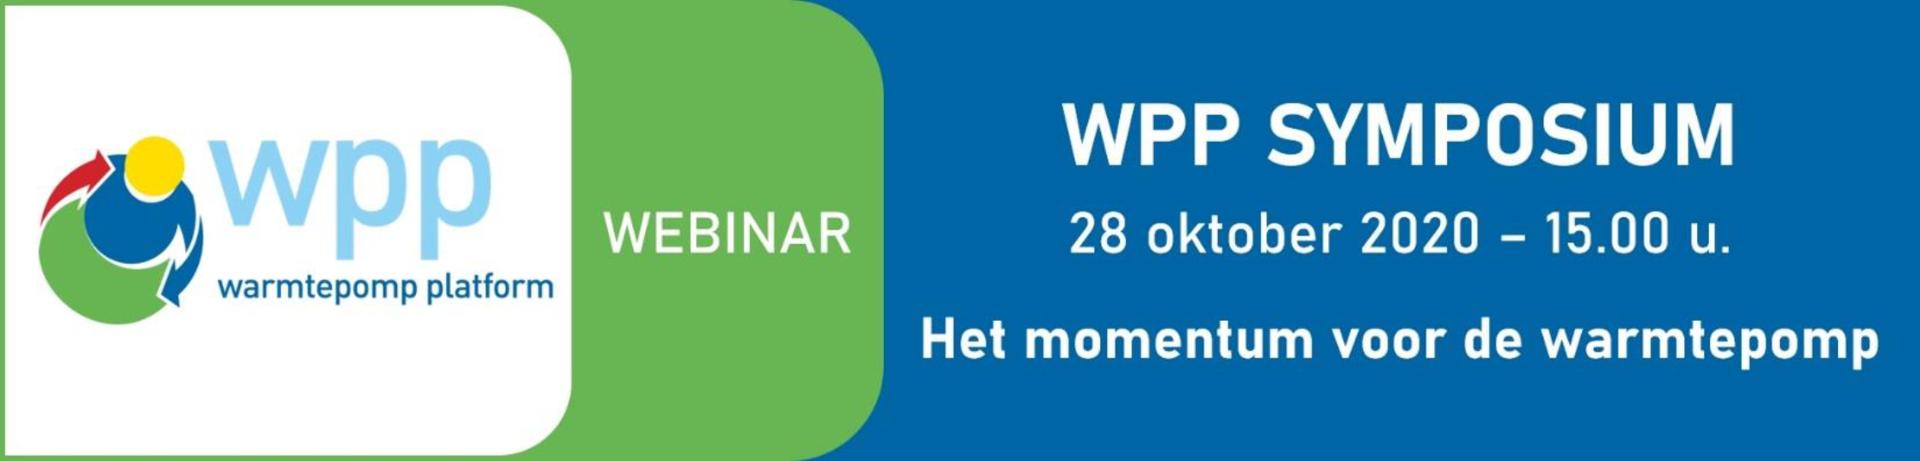 wpp-symposium-2020-programma-webinar